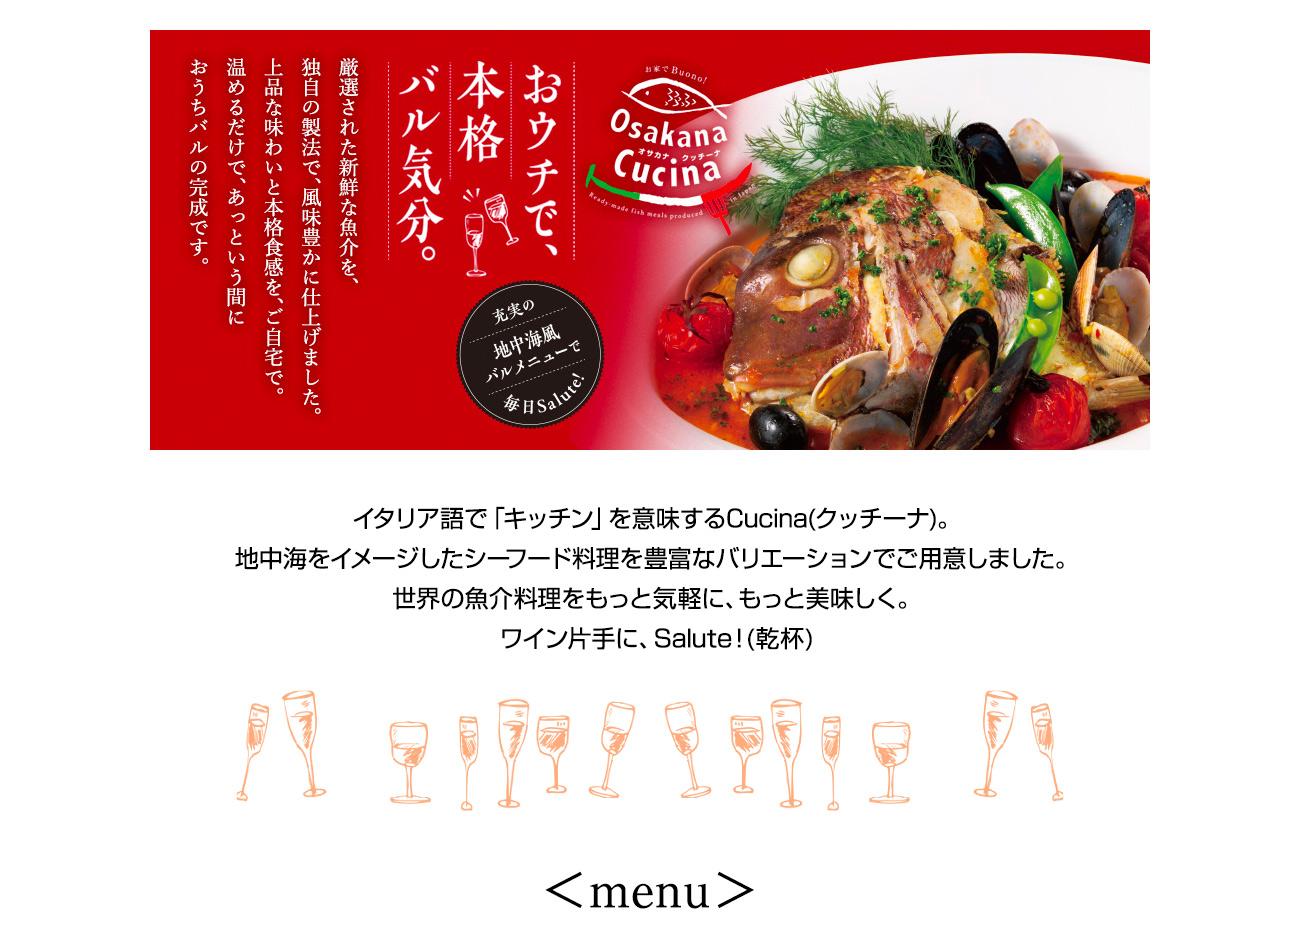 Osakana Cucinaについて